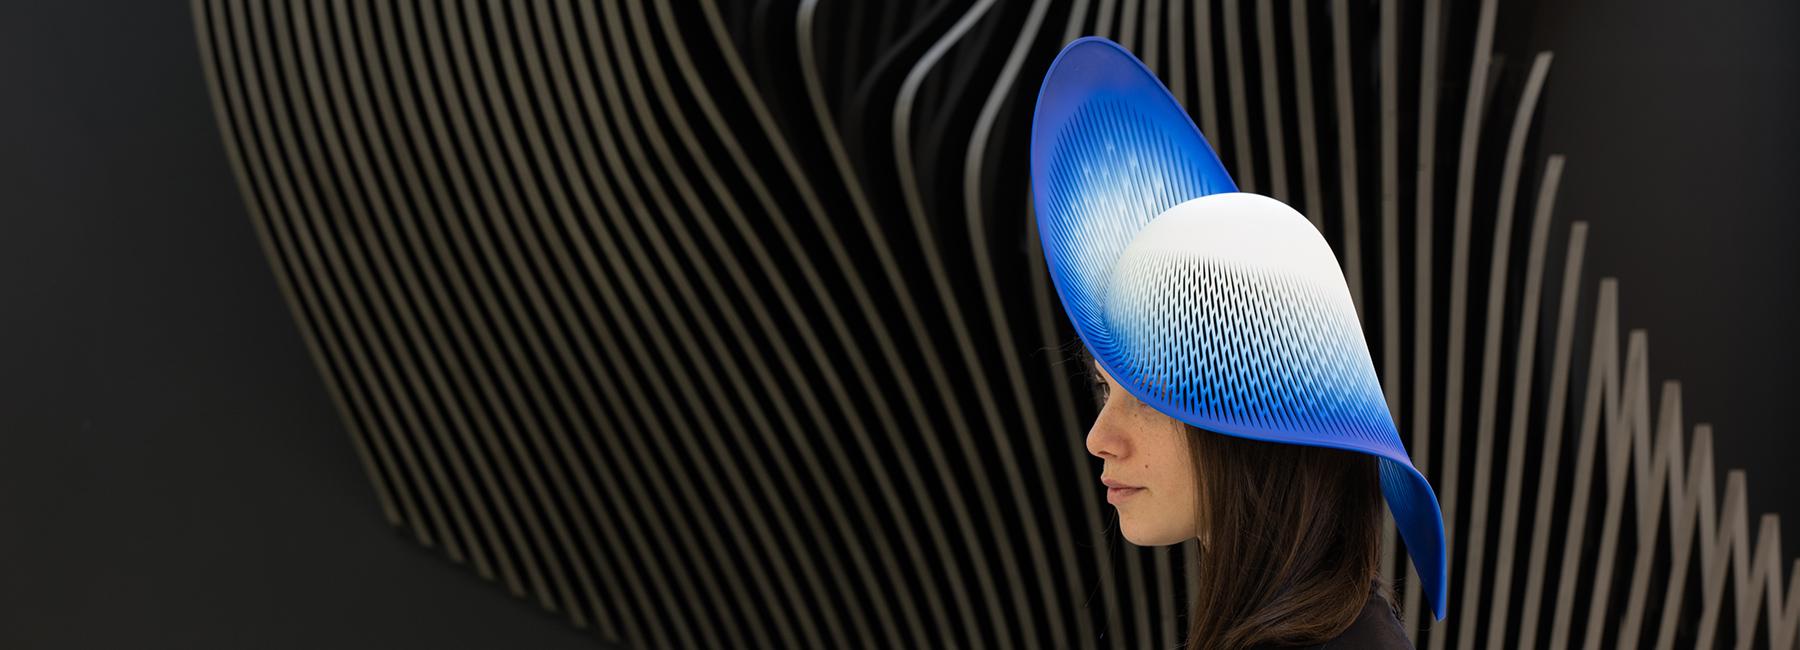 طراحی خلاقانه کلاه توسط معماران زاها حدید